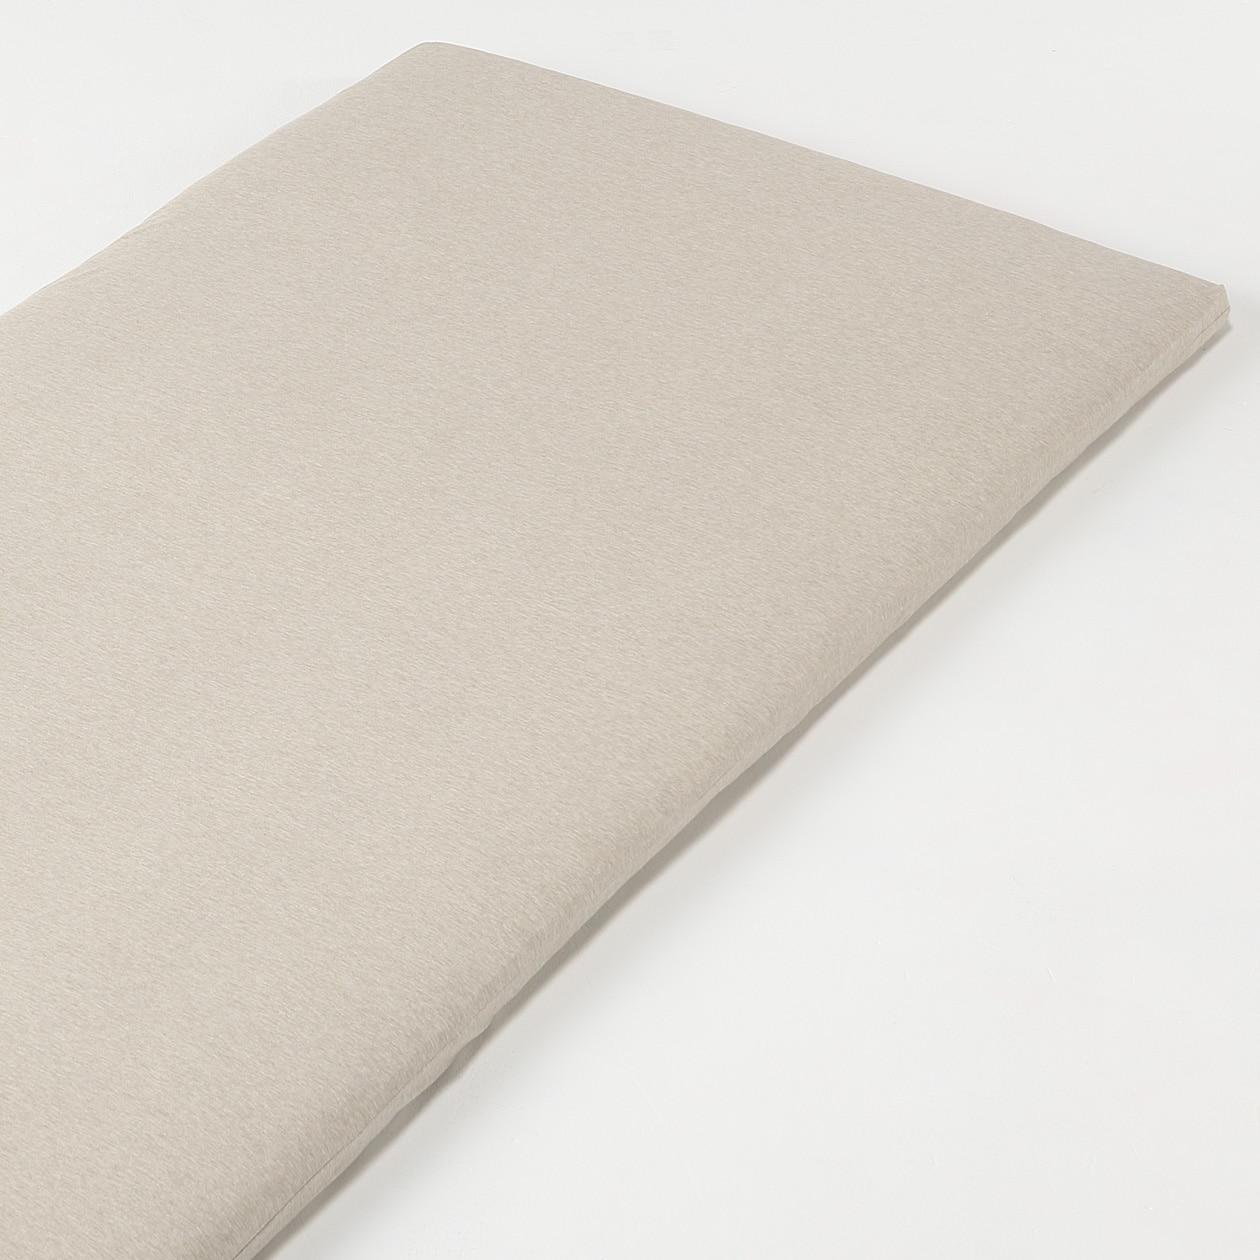 オーガニックコットン天竺ボックスシーツ・マットレス薄型スモール用/杢ベージュ